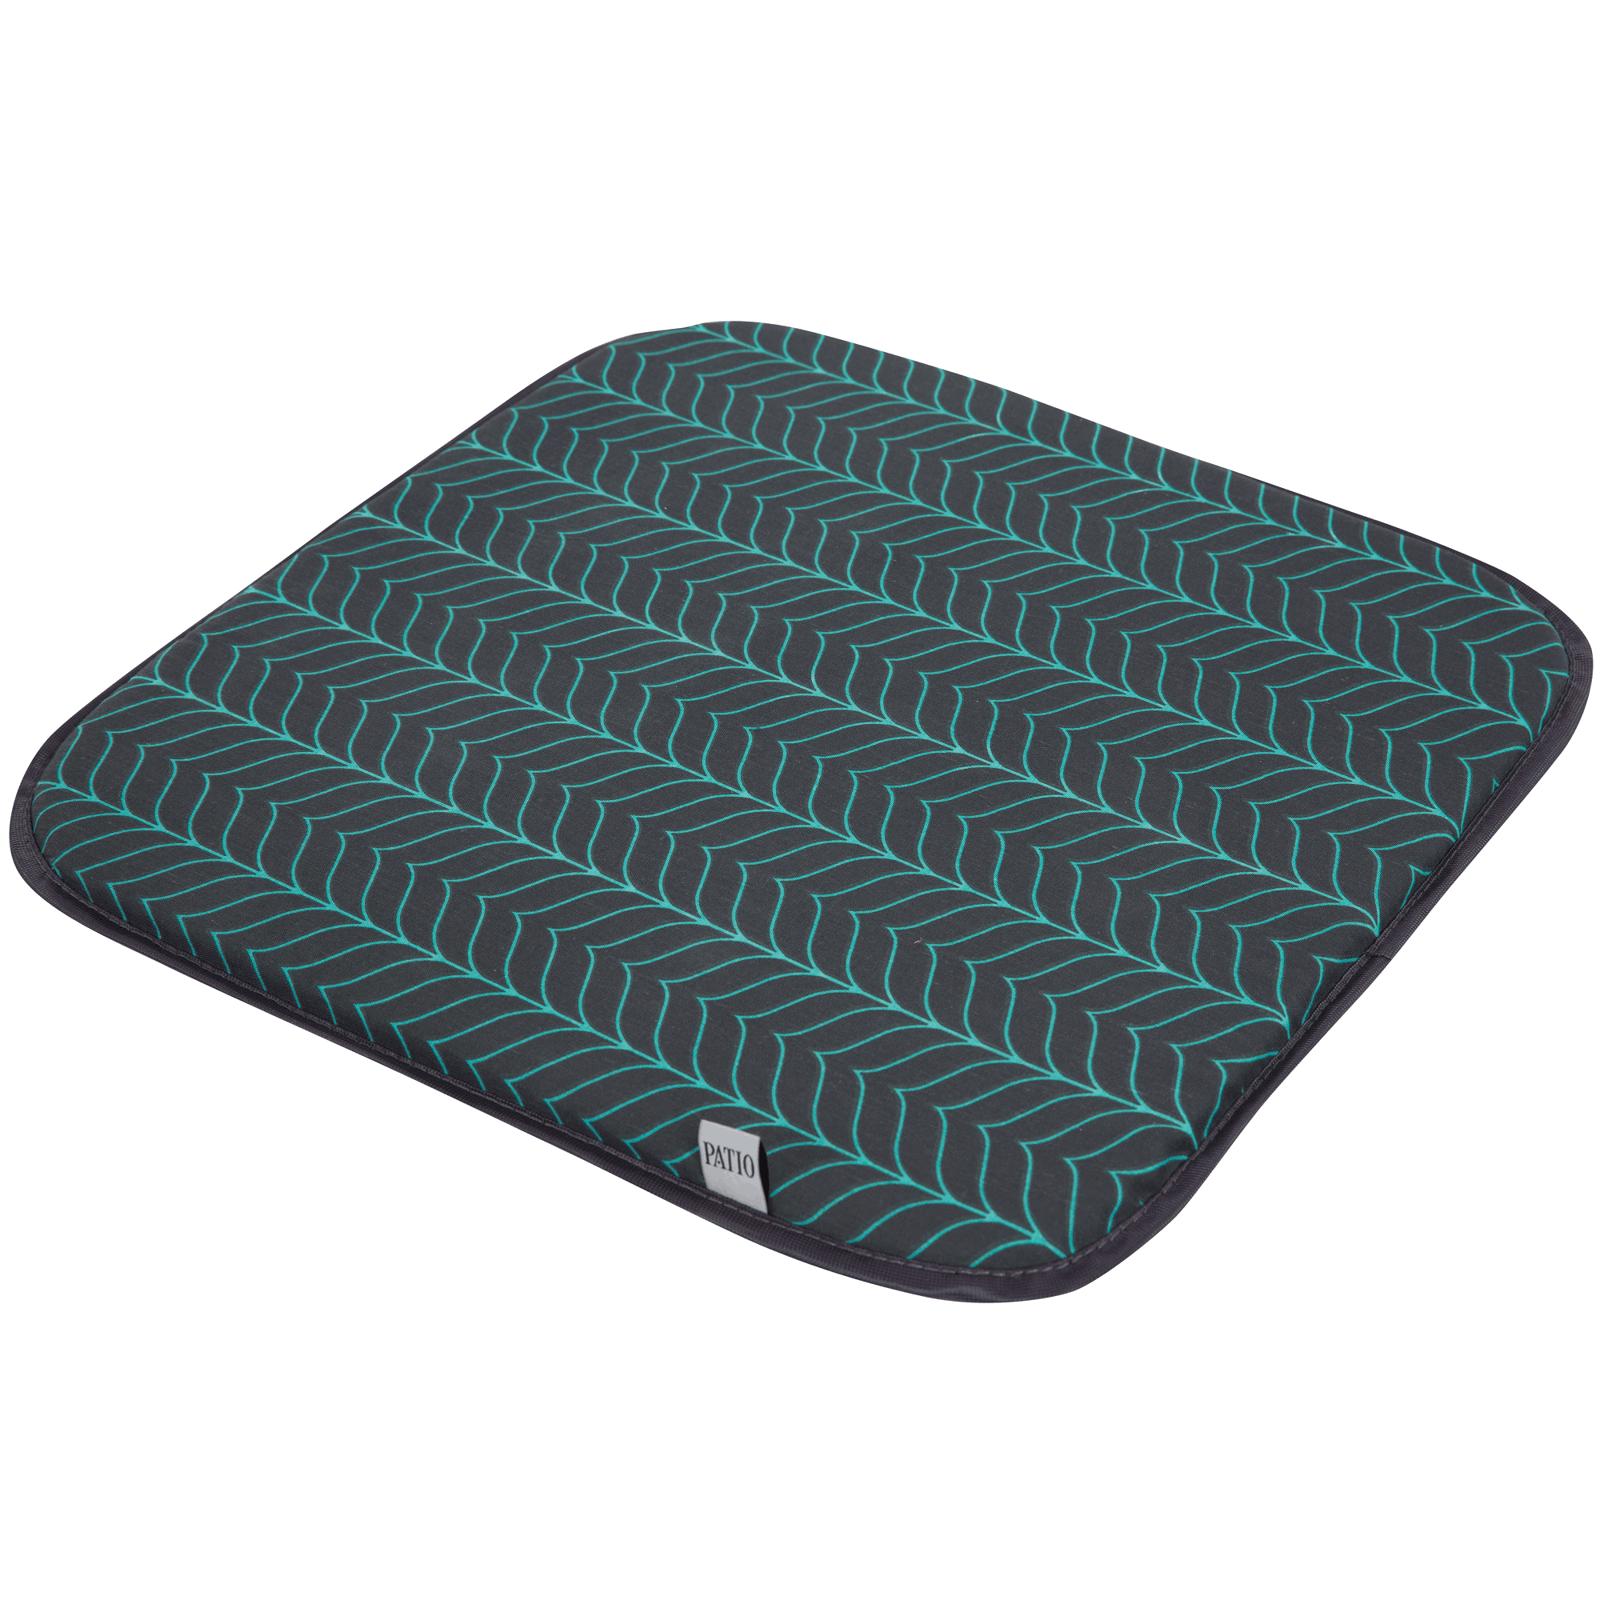 Poduszka na siedzisko Dodo 2 cm L111-06PB PATIO